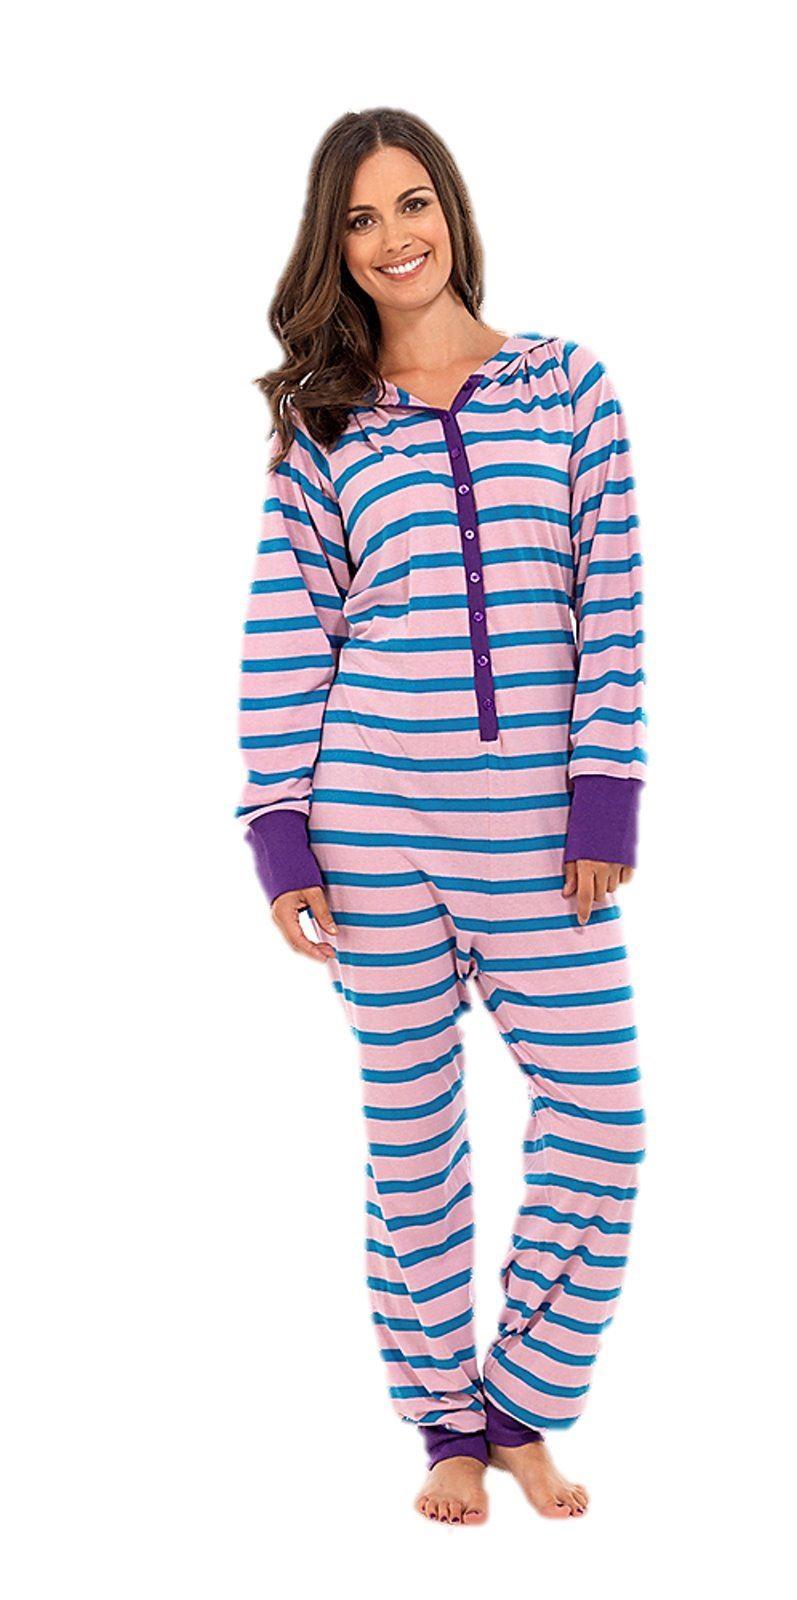 ladies jumpsuit onesie all in one piece hoodie pyjamas pajama cute ebay. Black Bedroom Furniture Sets. Home Design Ideas